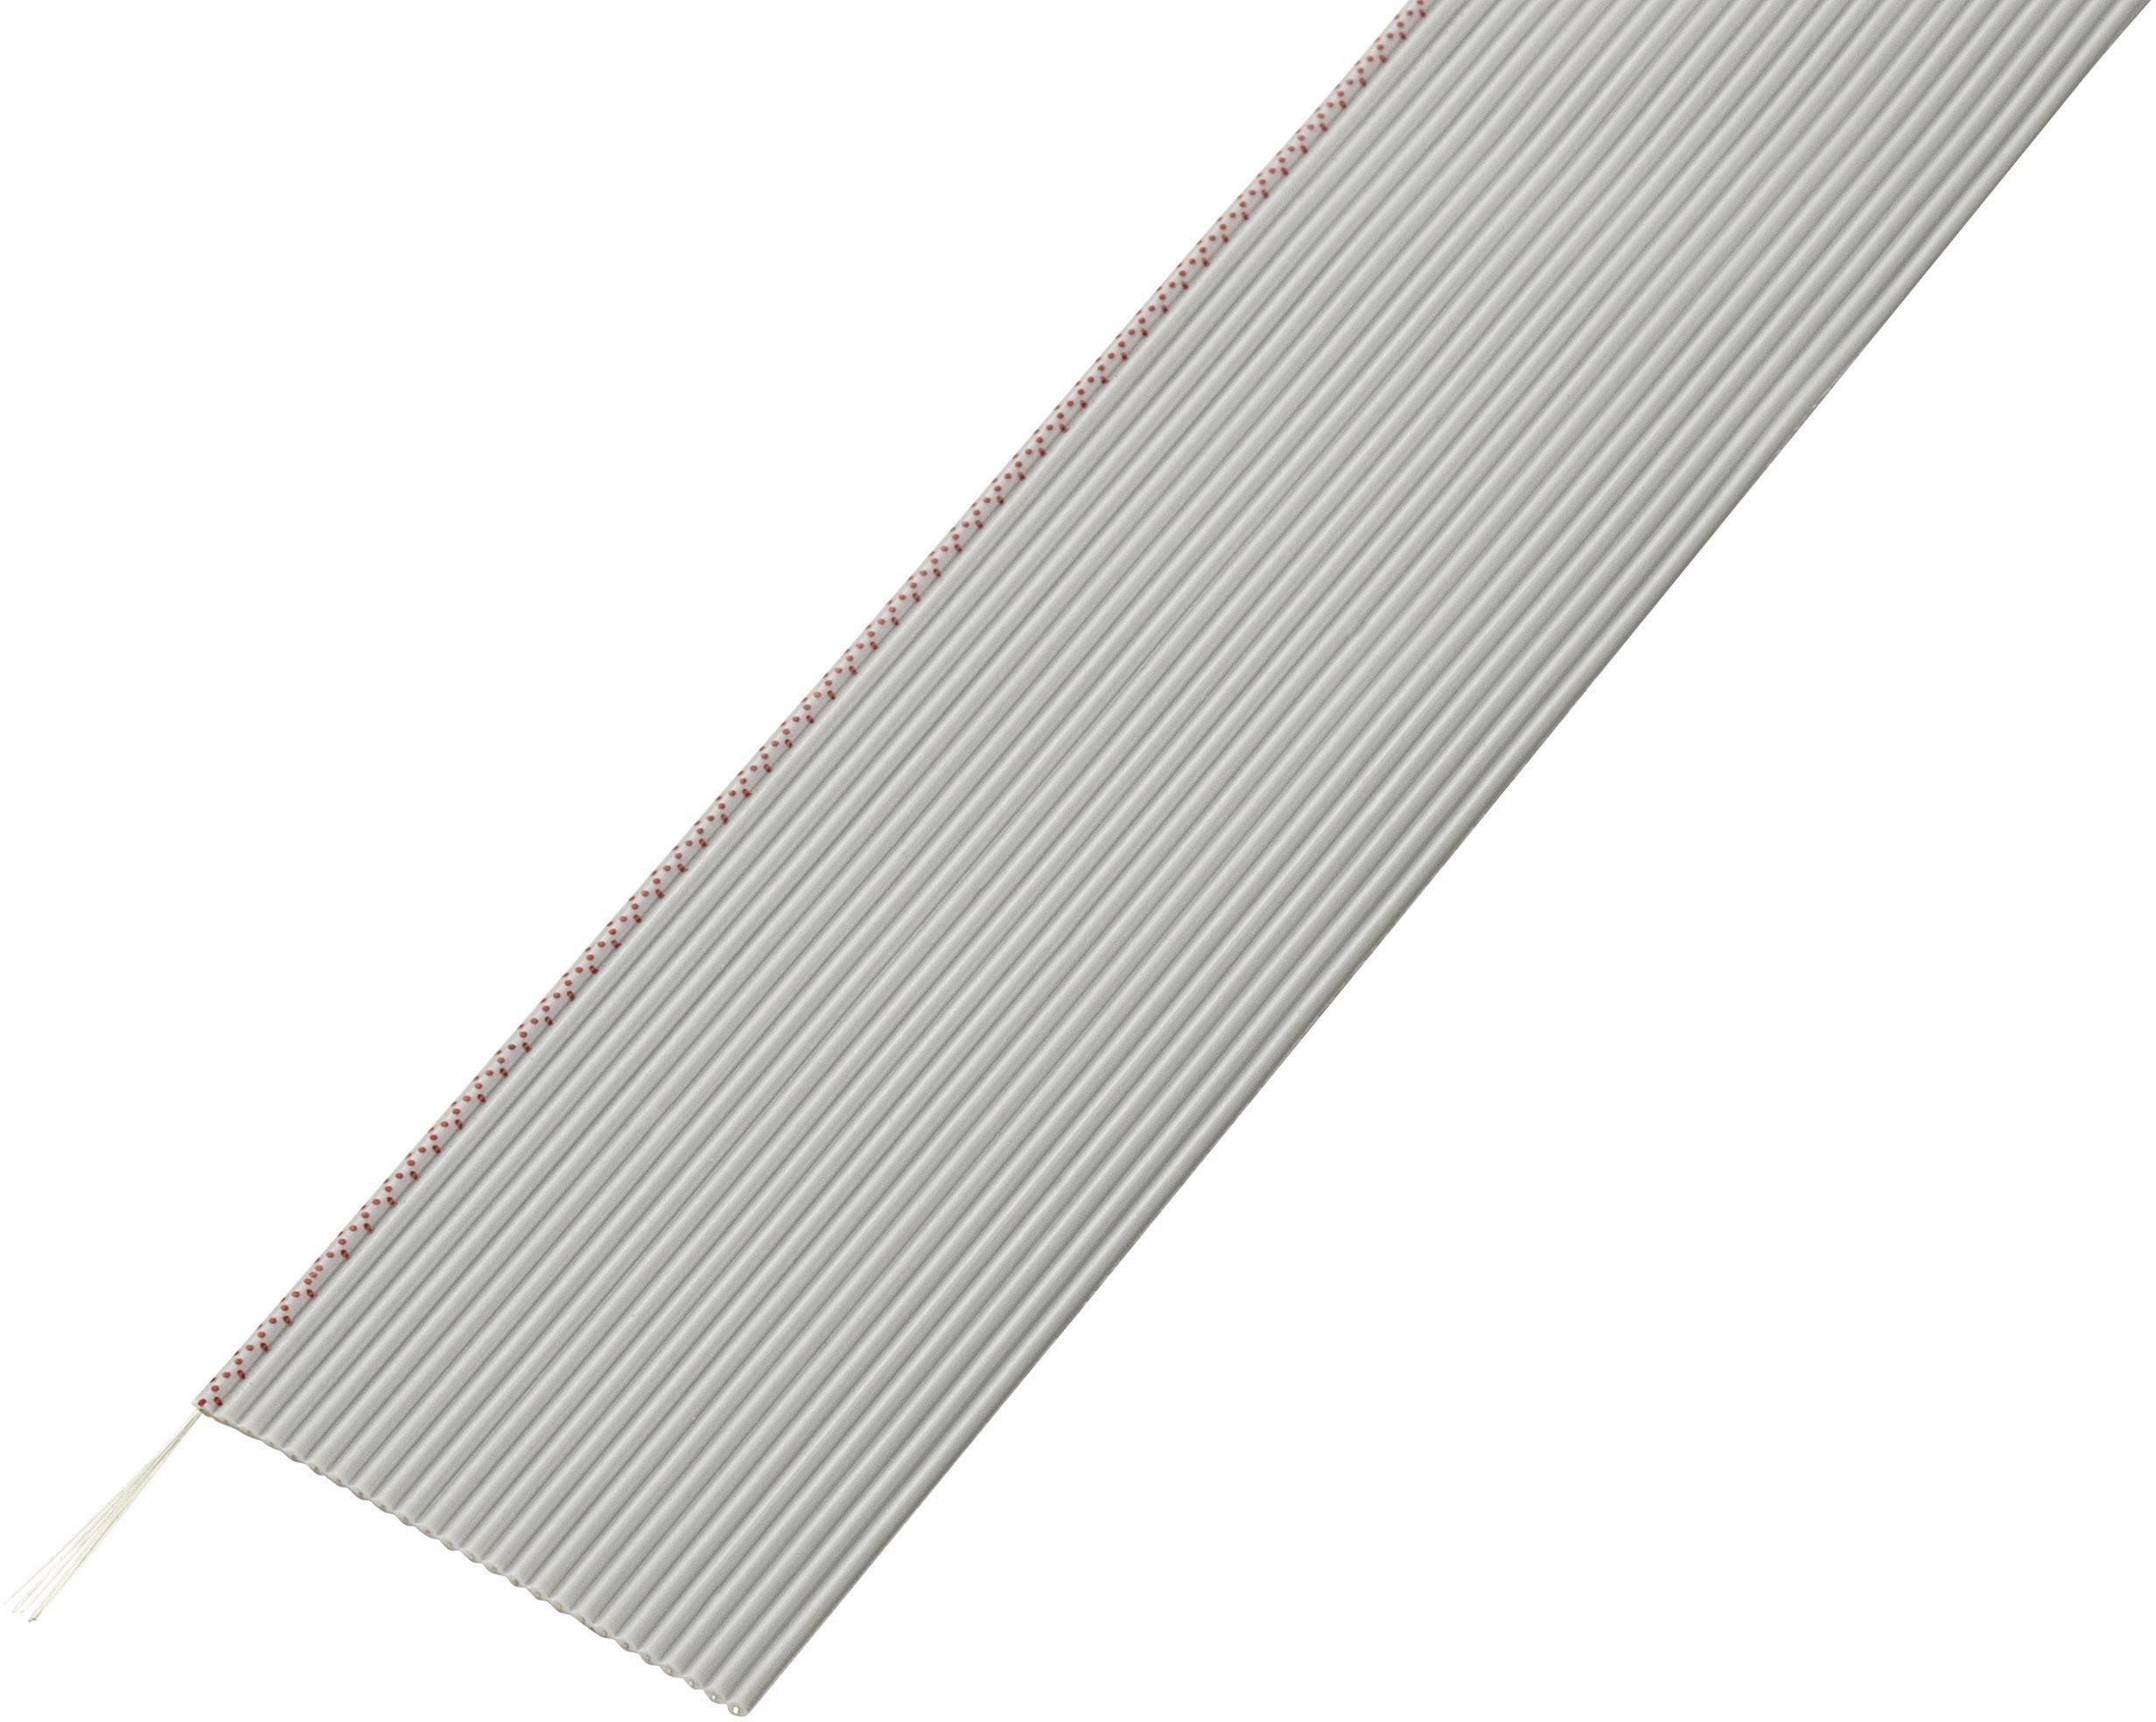 Plochý kábel Conrad Components SH1998C203, rozteč 1.27 mm, 25 x 0.035 mm², sivá, 30.5 m